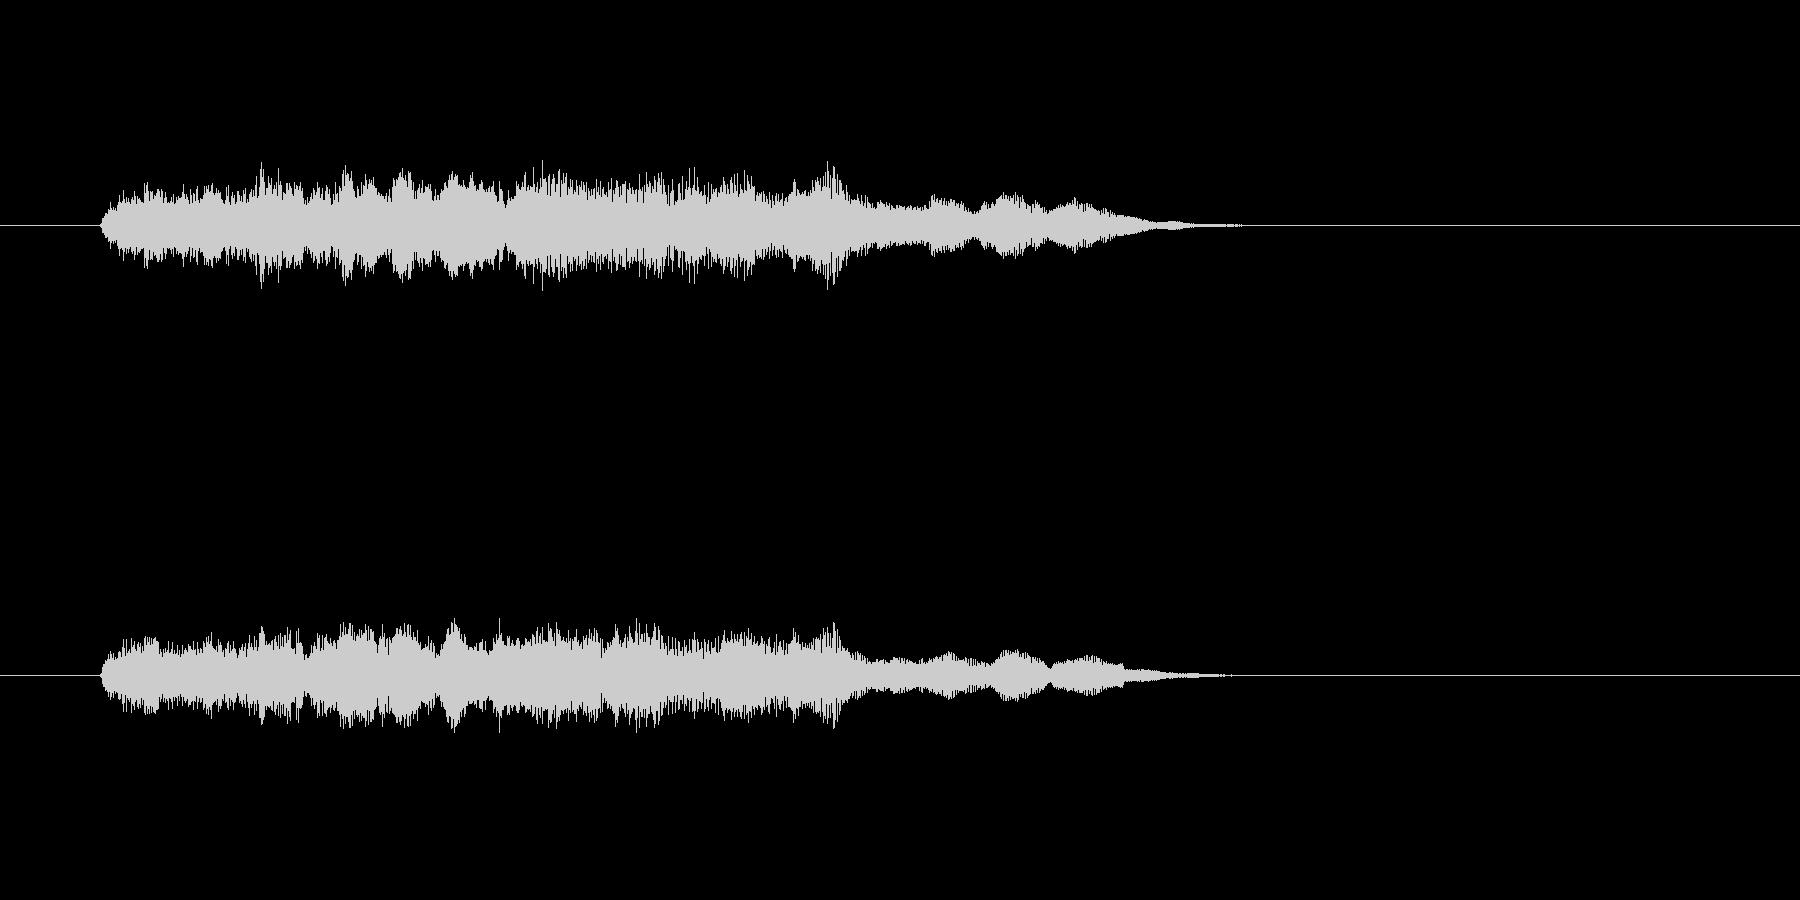 ファンタジー かわいい アニメ ハープの未再生の波形